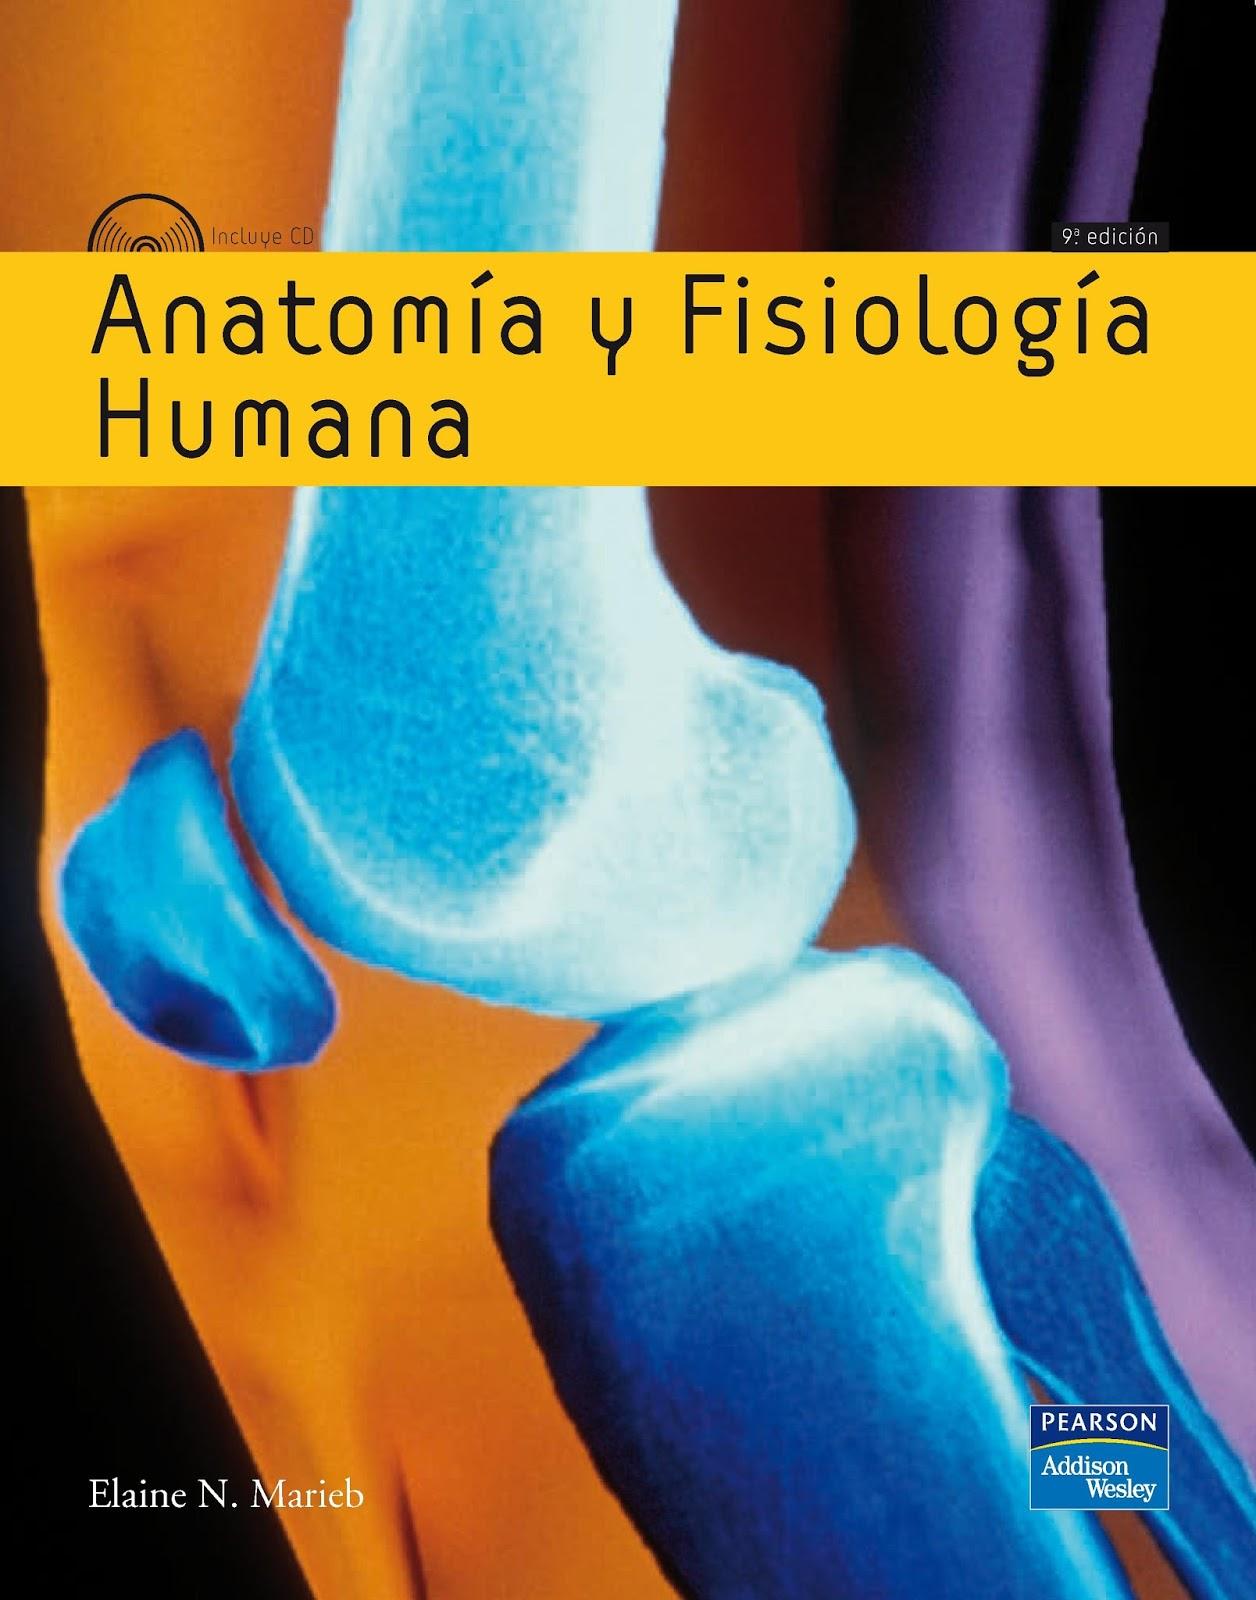 Anatomía y fisiología humana 9na. Edición pdf | FreeLibros